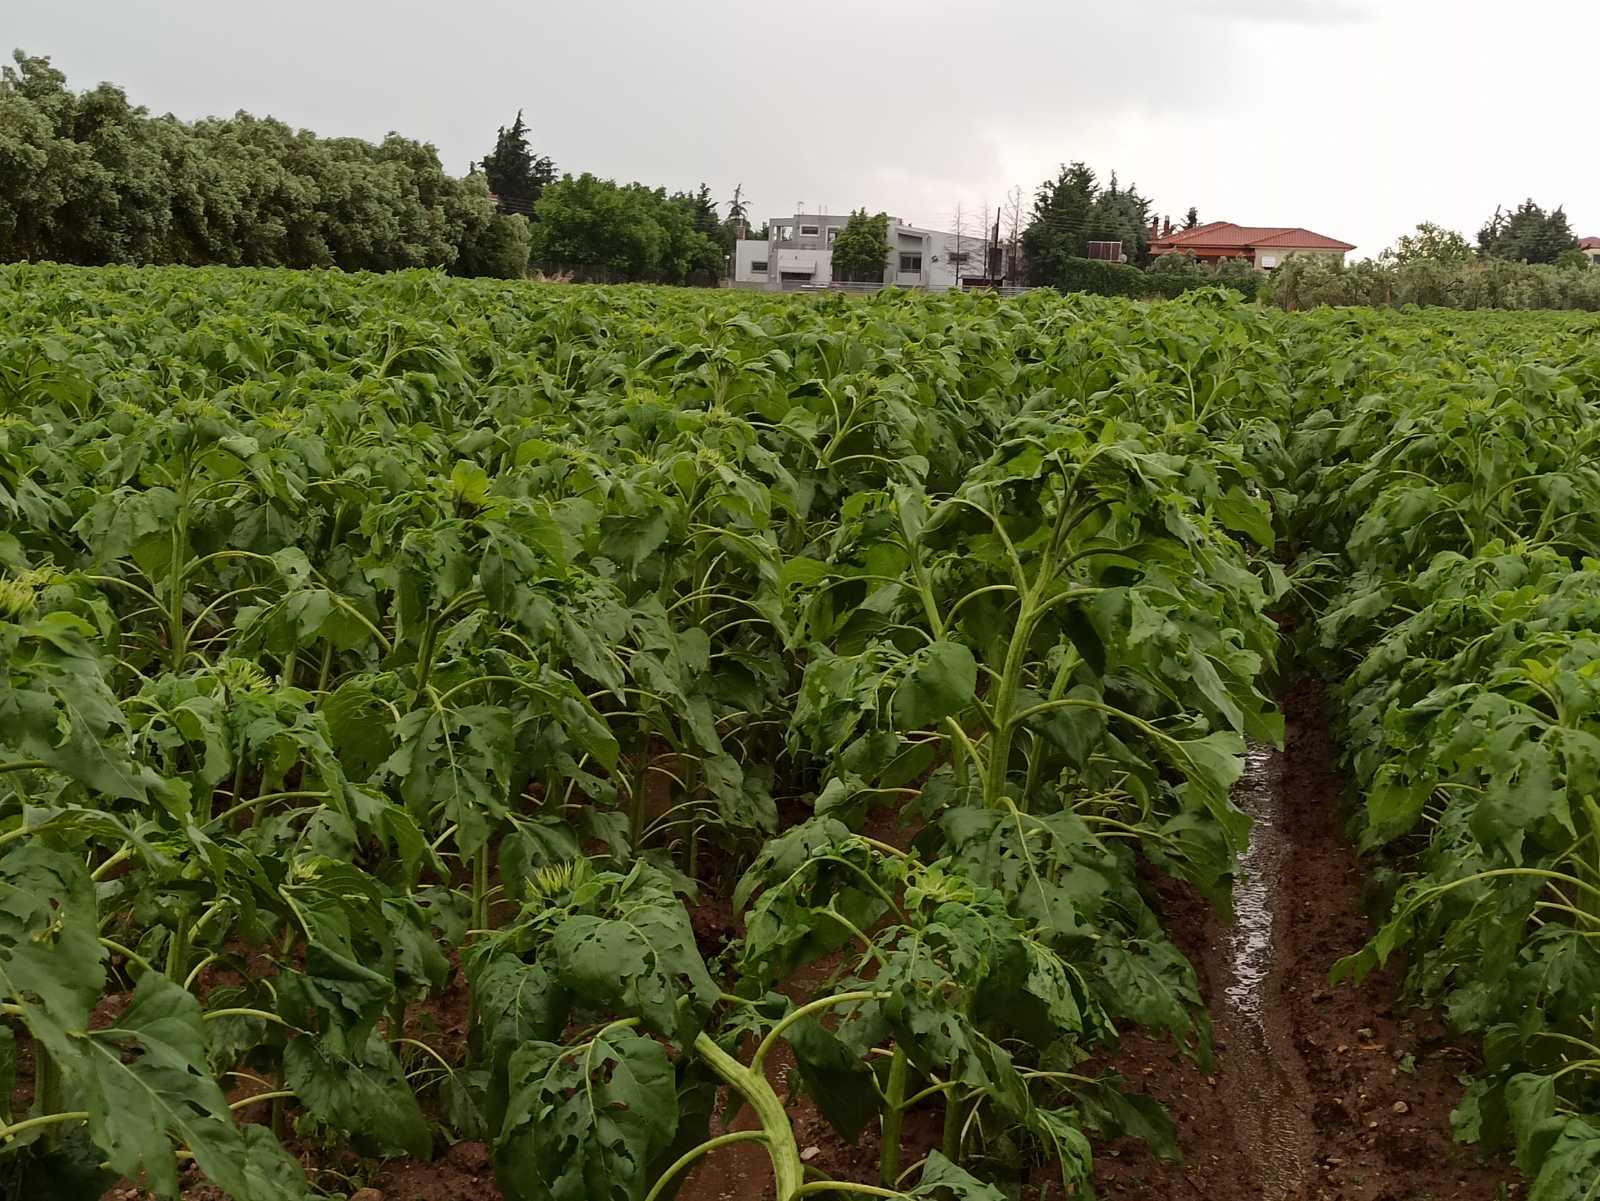 Μεγάλες καταστροφές από το χαλάζι σε καλλιέργειες στην Ξάνθη